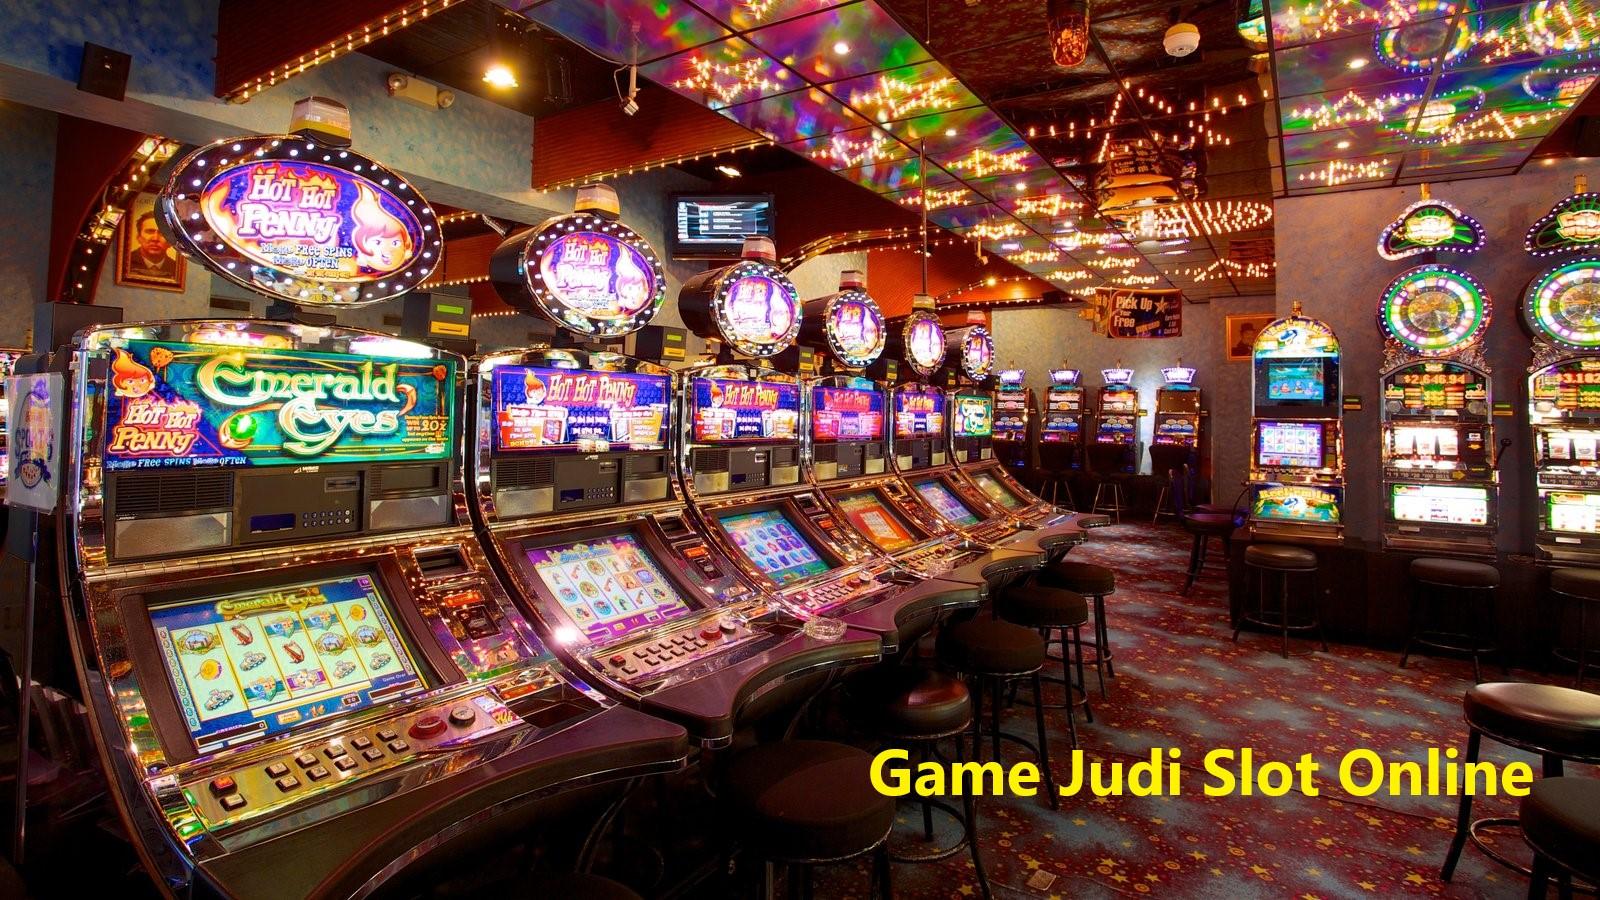 Game Mesin Judi Slot Online Uang Asli Terbaru